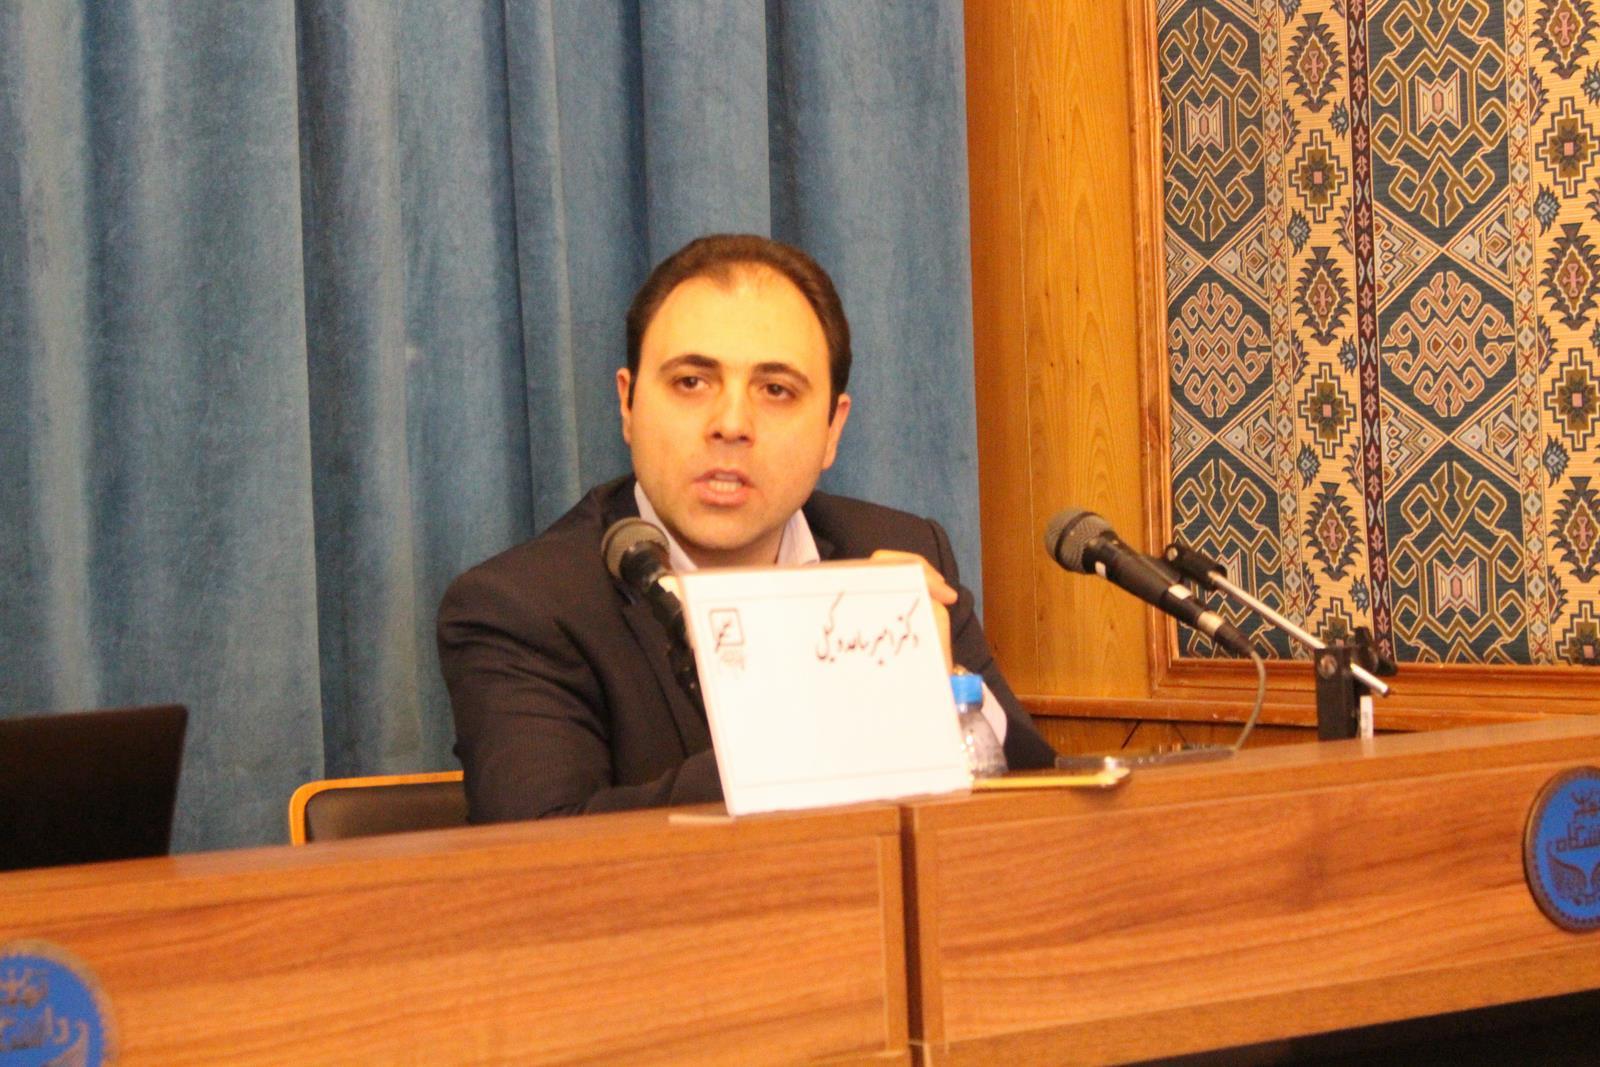 بایدها و نبایدهای اقدام متقابل ایران علیه امریکا از نگاه حقوق بین الملل چیست؟